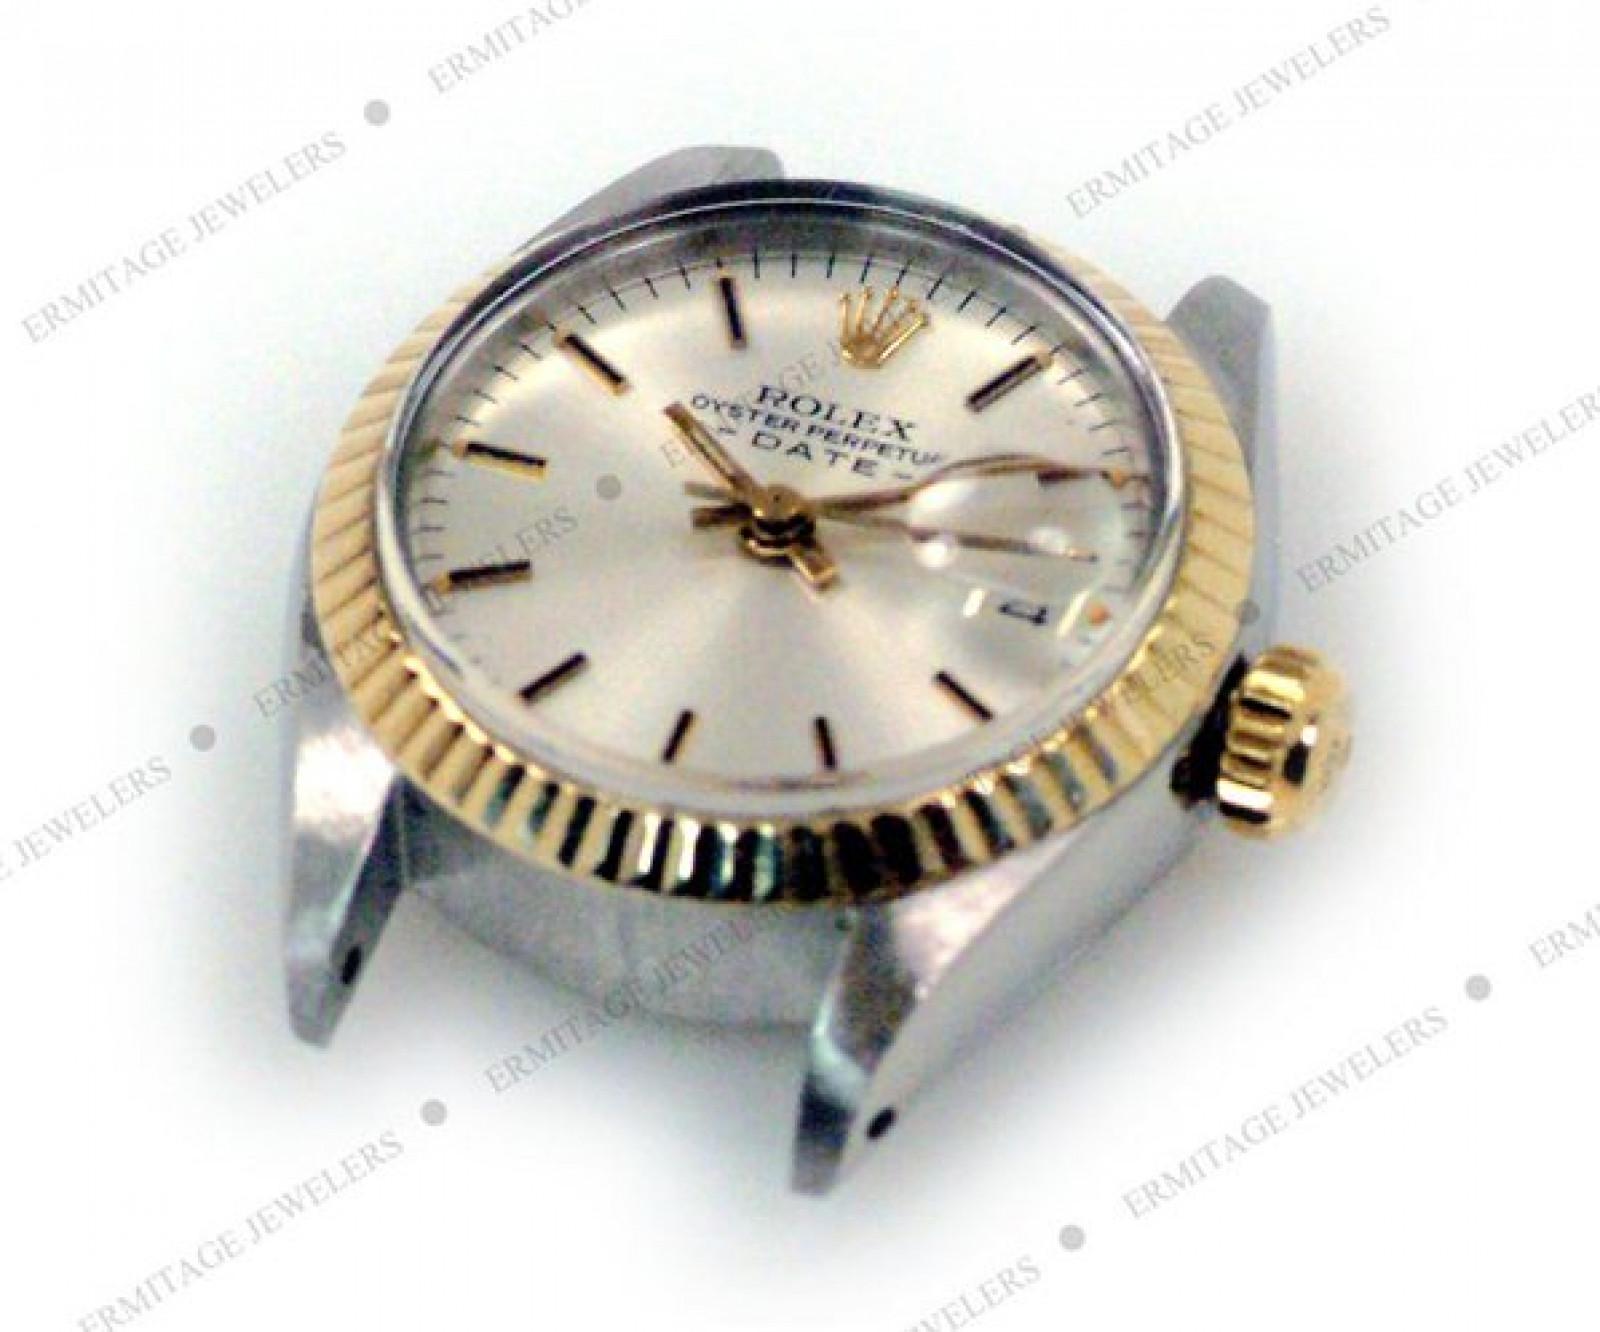 Vintage Rare Rolex Date 6917 Gold & Steel Year 1977